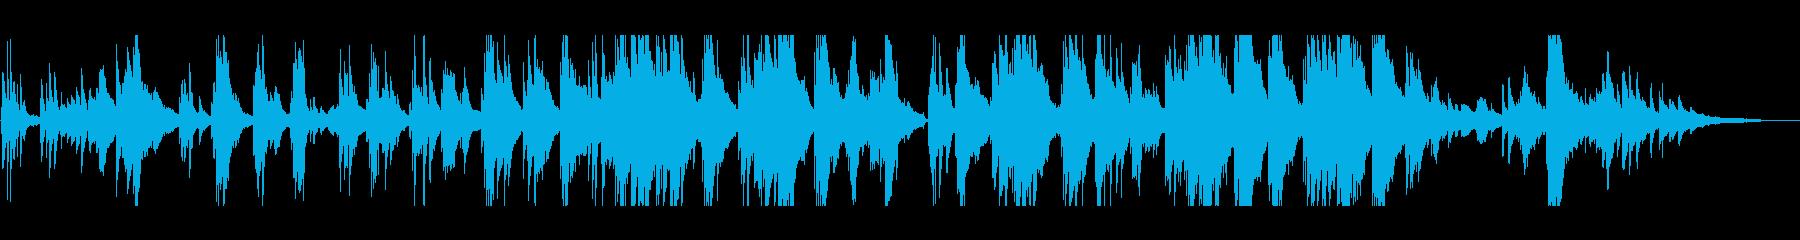 泣ける・感動的な ピアノソロの再生済みの波形